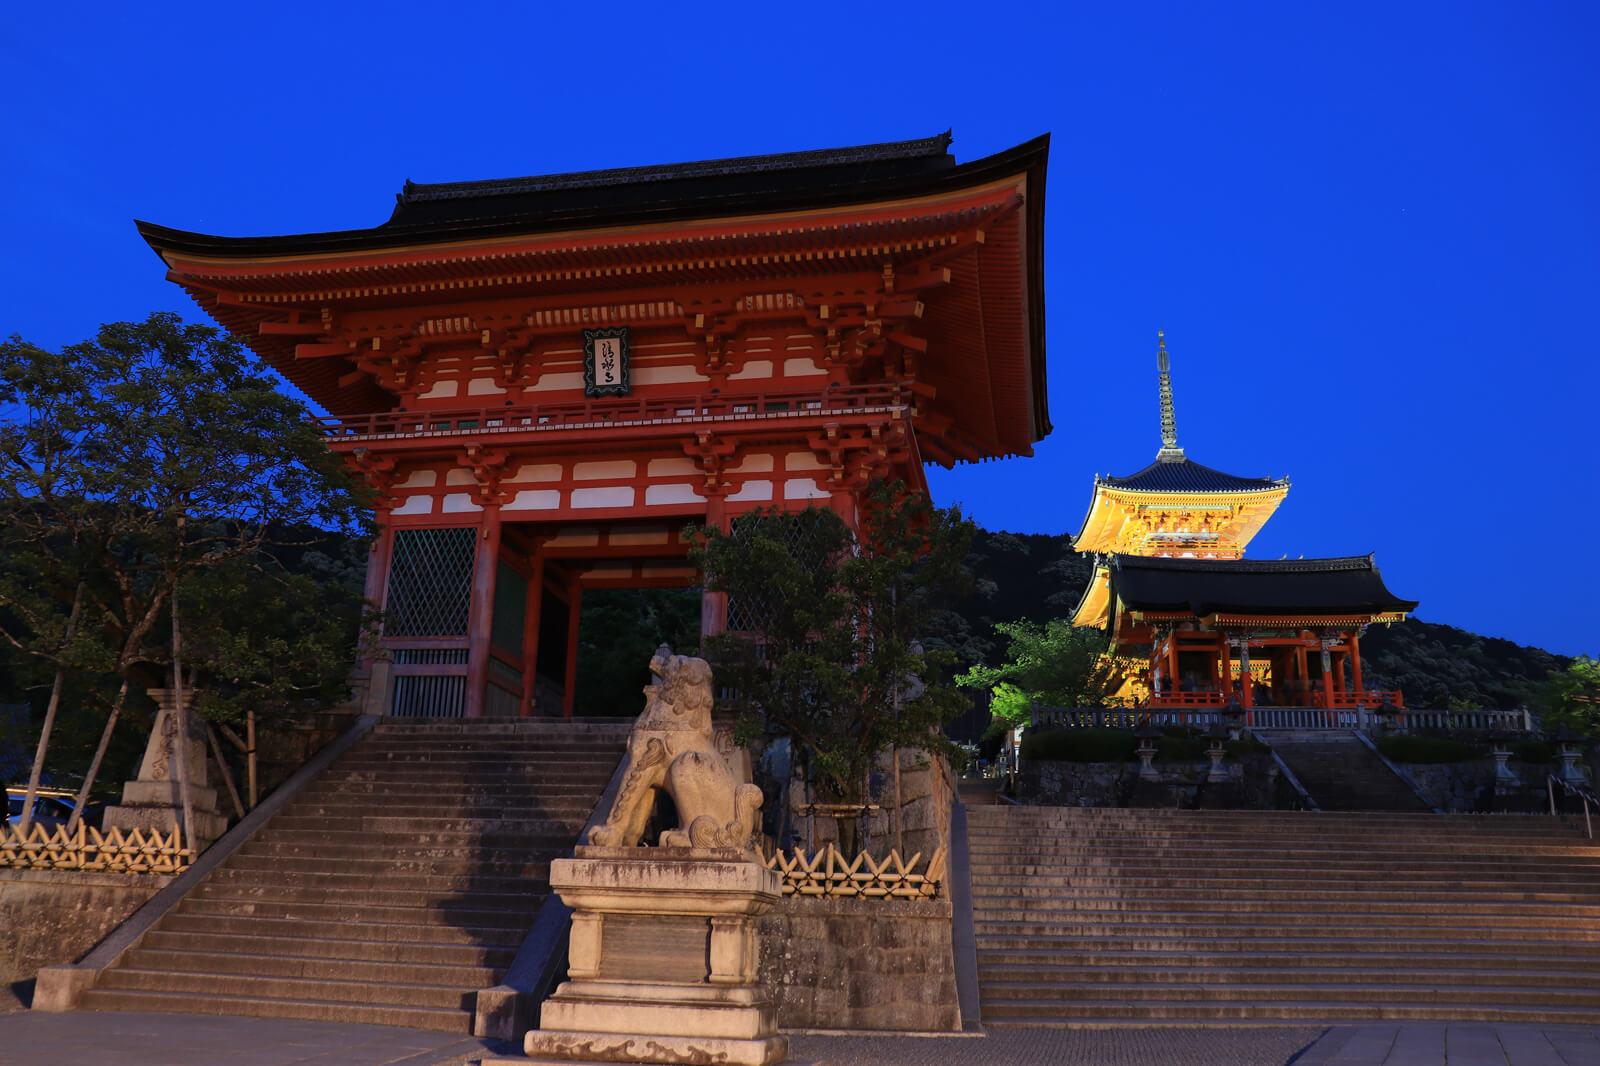 夜の清水寺の正門